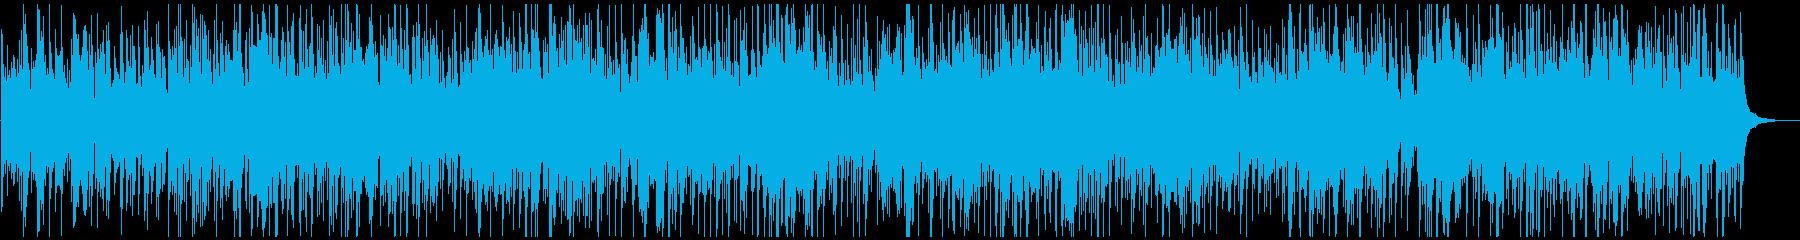 マンドリンソロのカントリーバラードの再生済みの波形